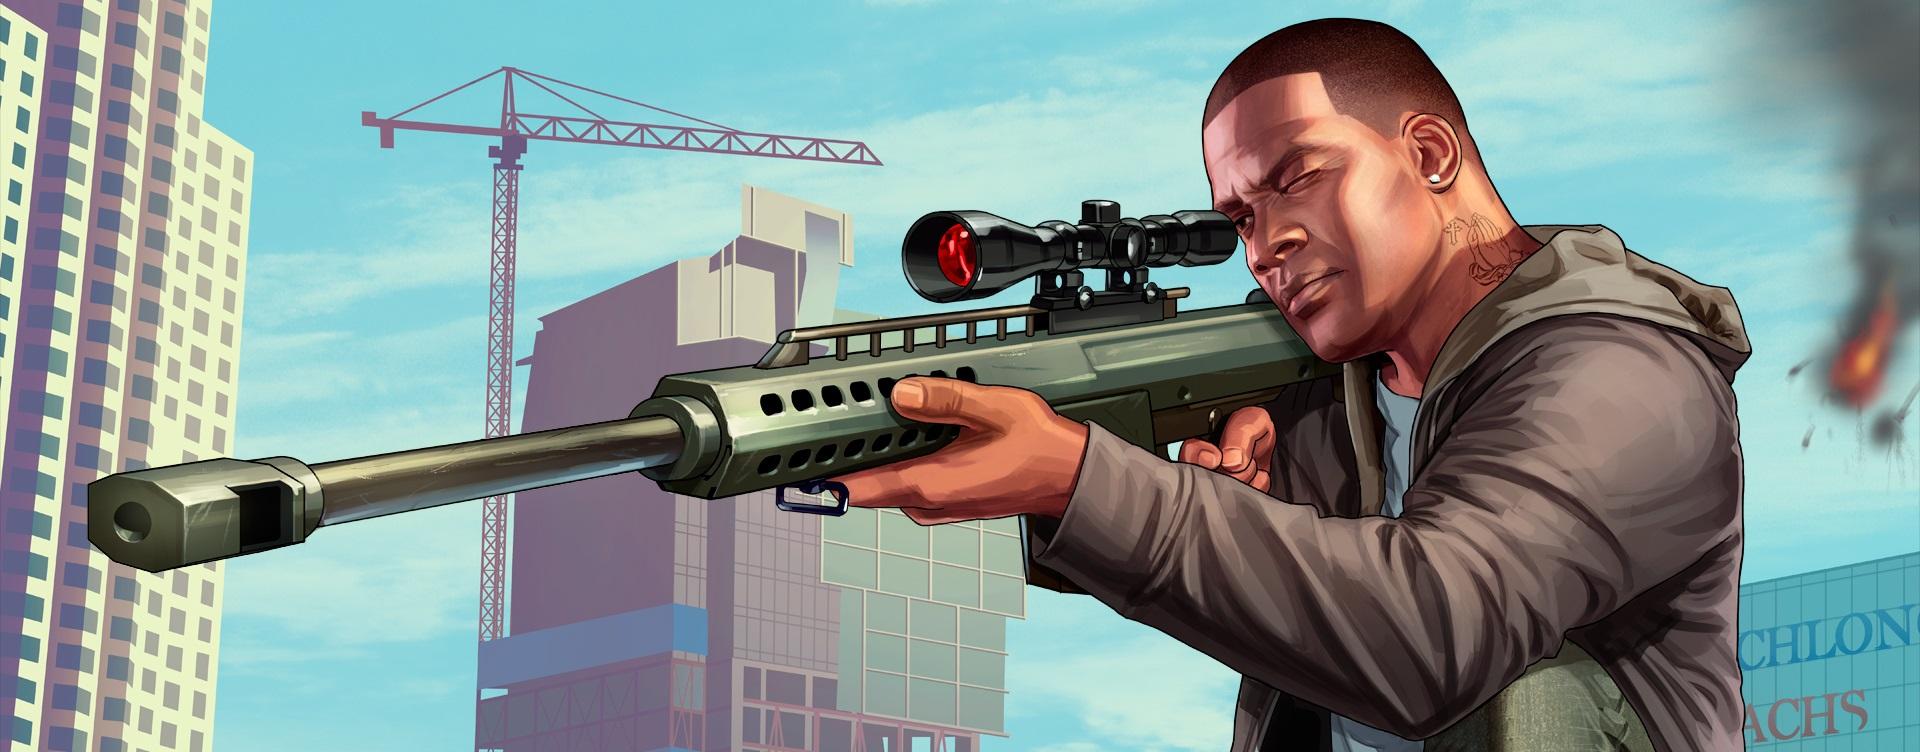 Tiranianu gaming gta 5 online ep 1